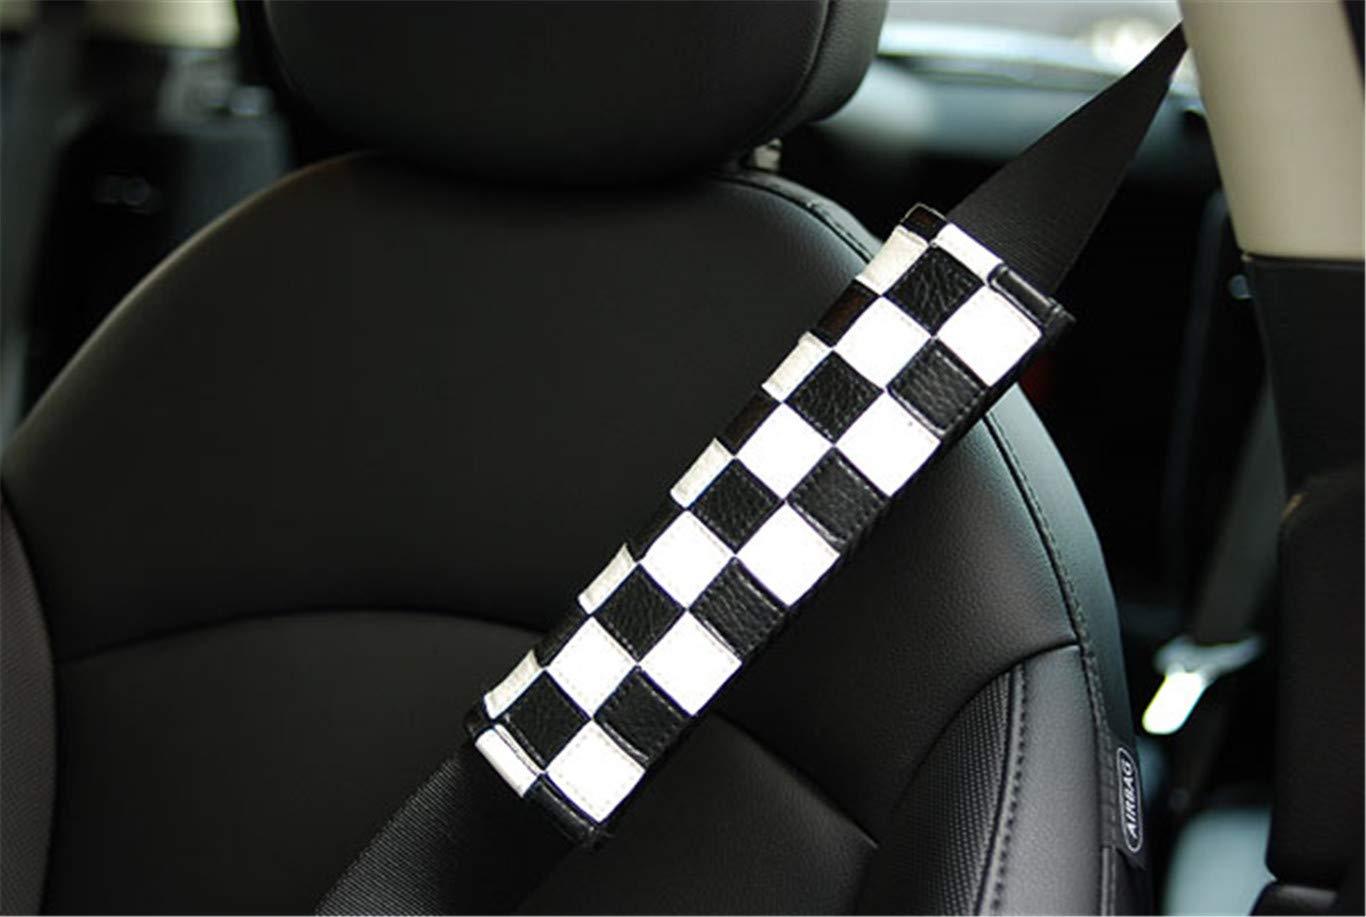 2 st/ücke Auto Sicherheitsgurt Schultergurt Pad Gurt Abdeckung Kissen f/ür Mini Cooper F54 F55 F56 F57 F60 R55 R56 R58 R59 R60 Hardtop Clubman Flie/ßheck Verdeckte Roadster Countryman Checkered